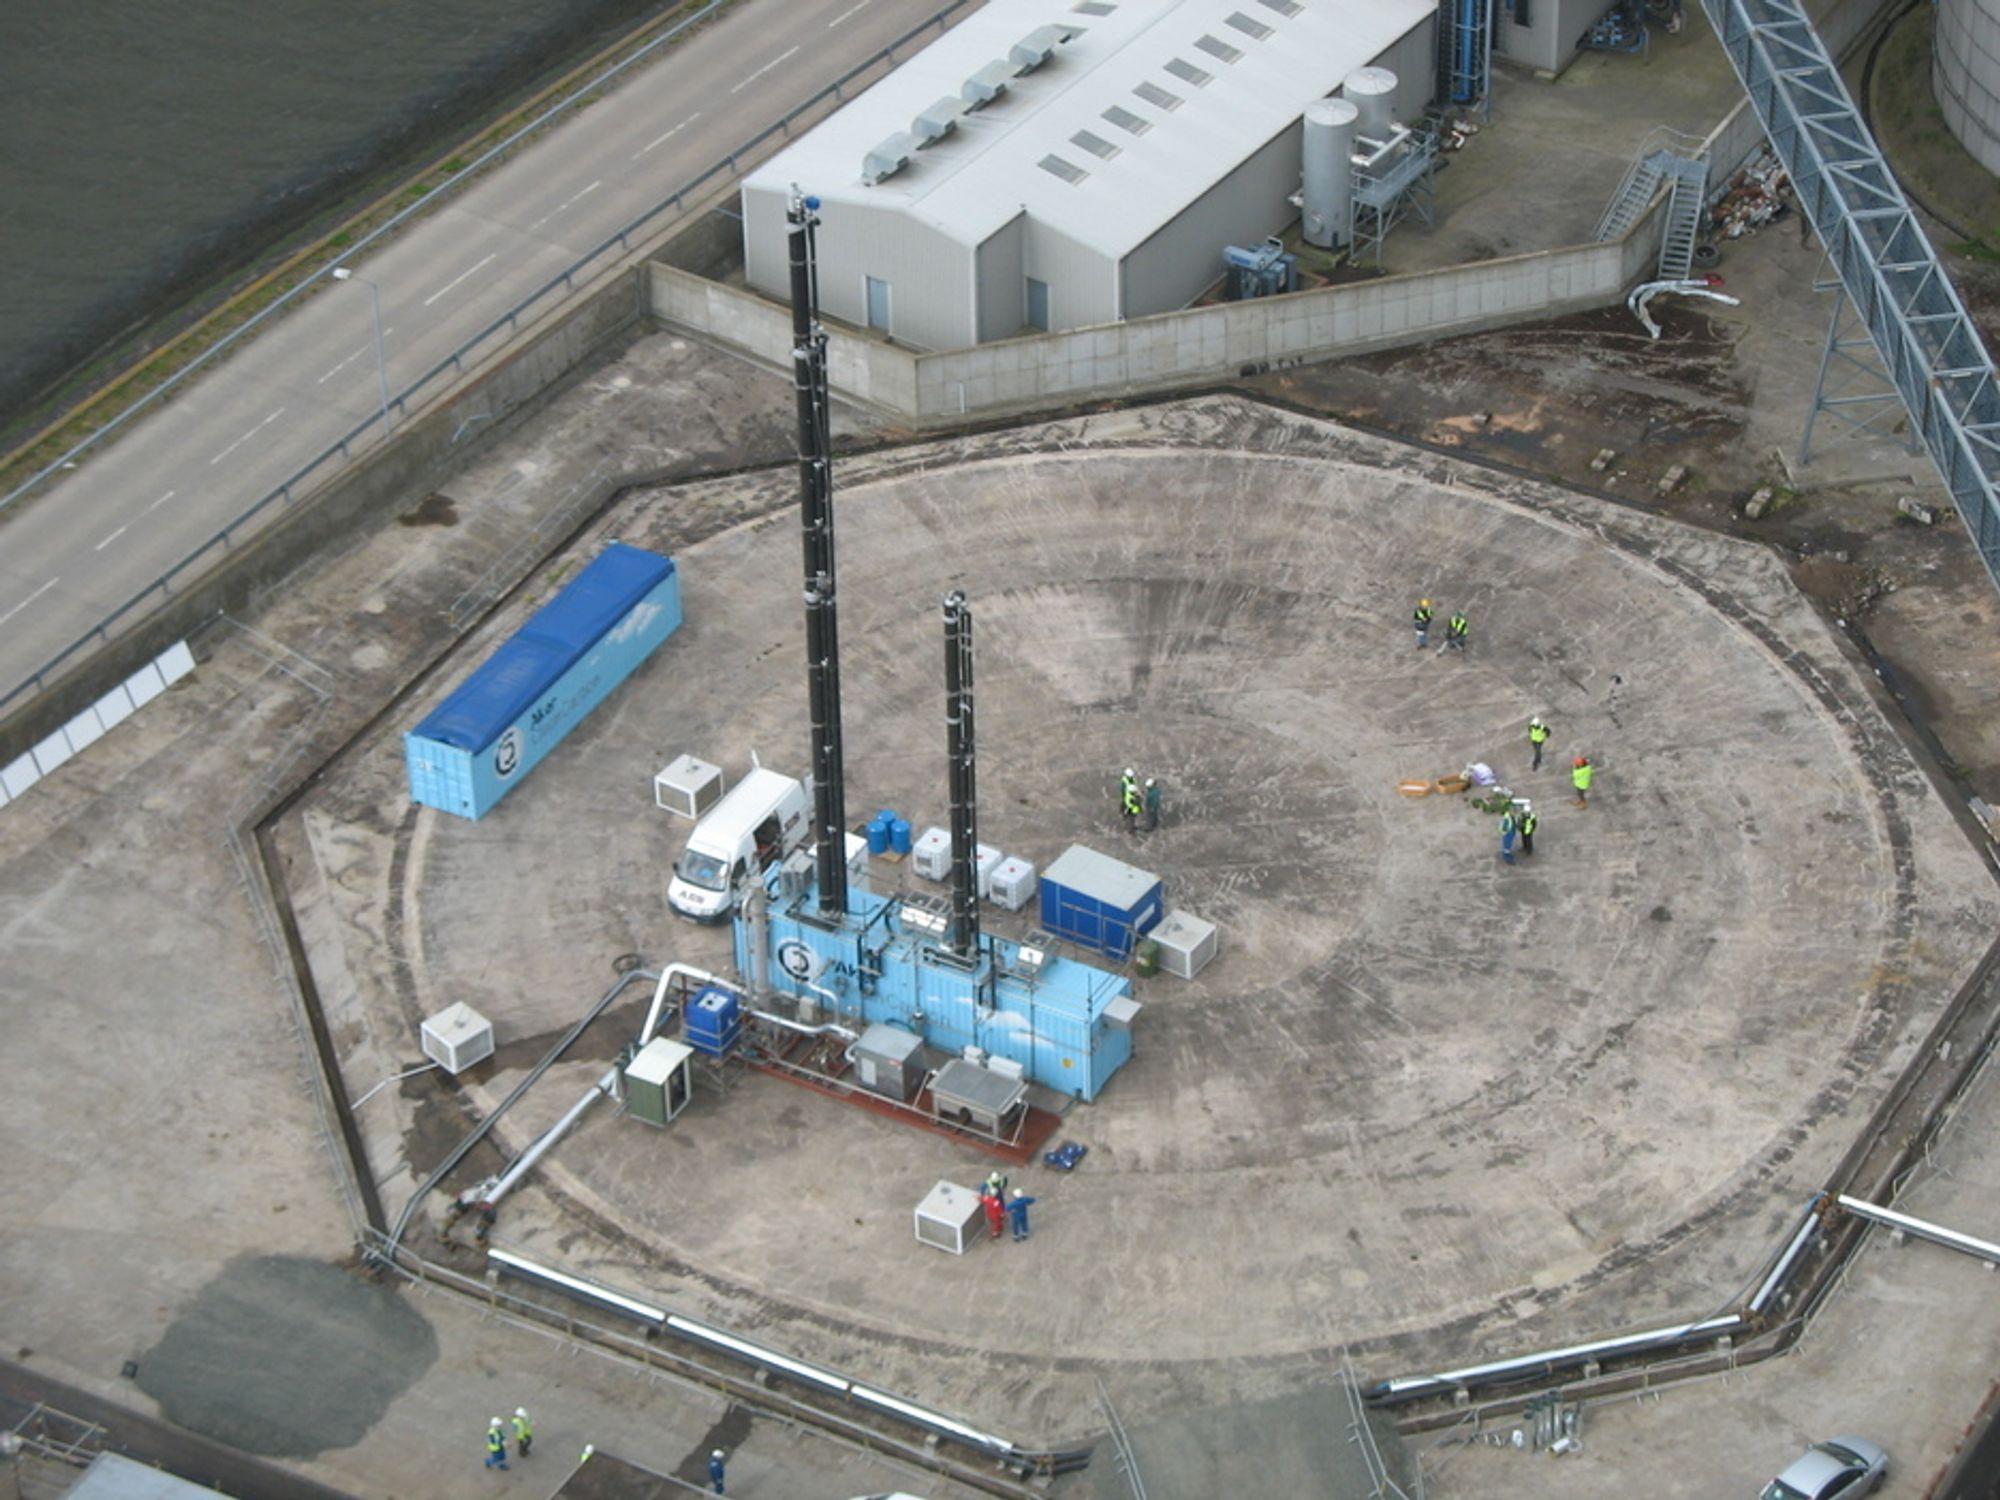 Aker Clean Carbons mobile testenhet for CO2-fangst laget på Aker Solutions i Verdal i 2008 for bruk på kullkraftverket Longannet